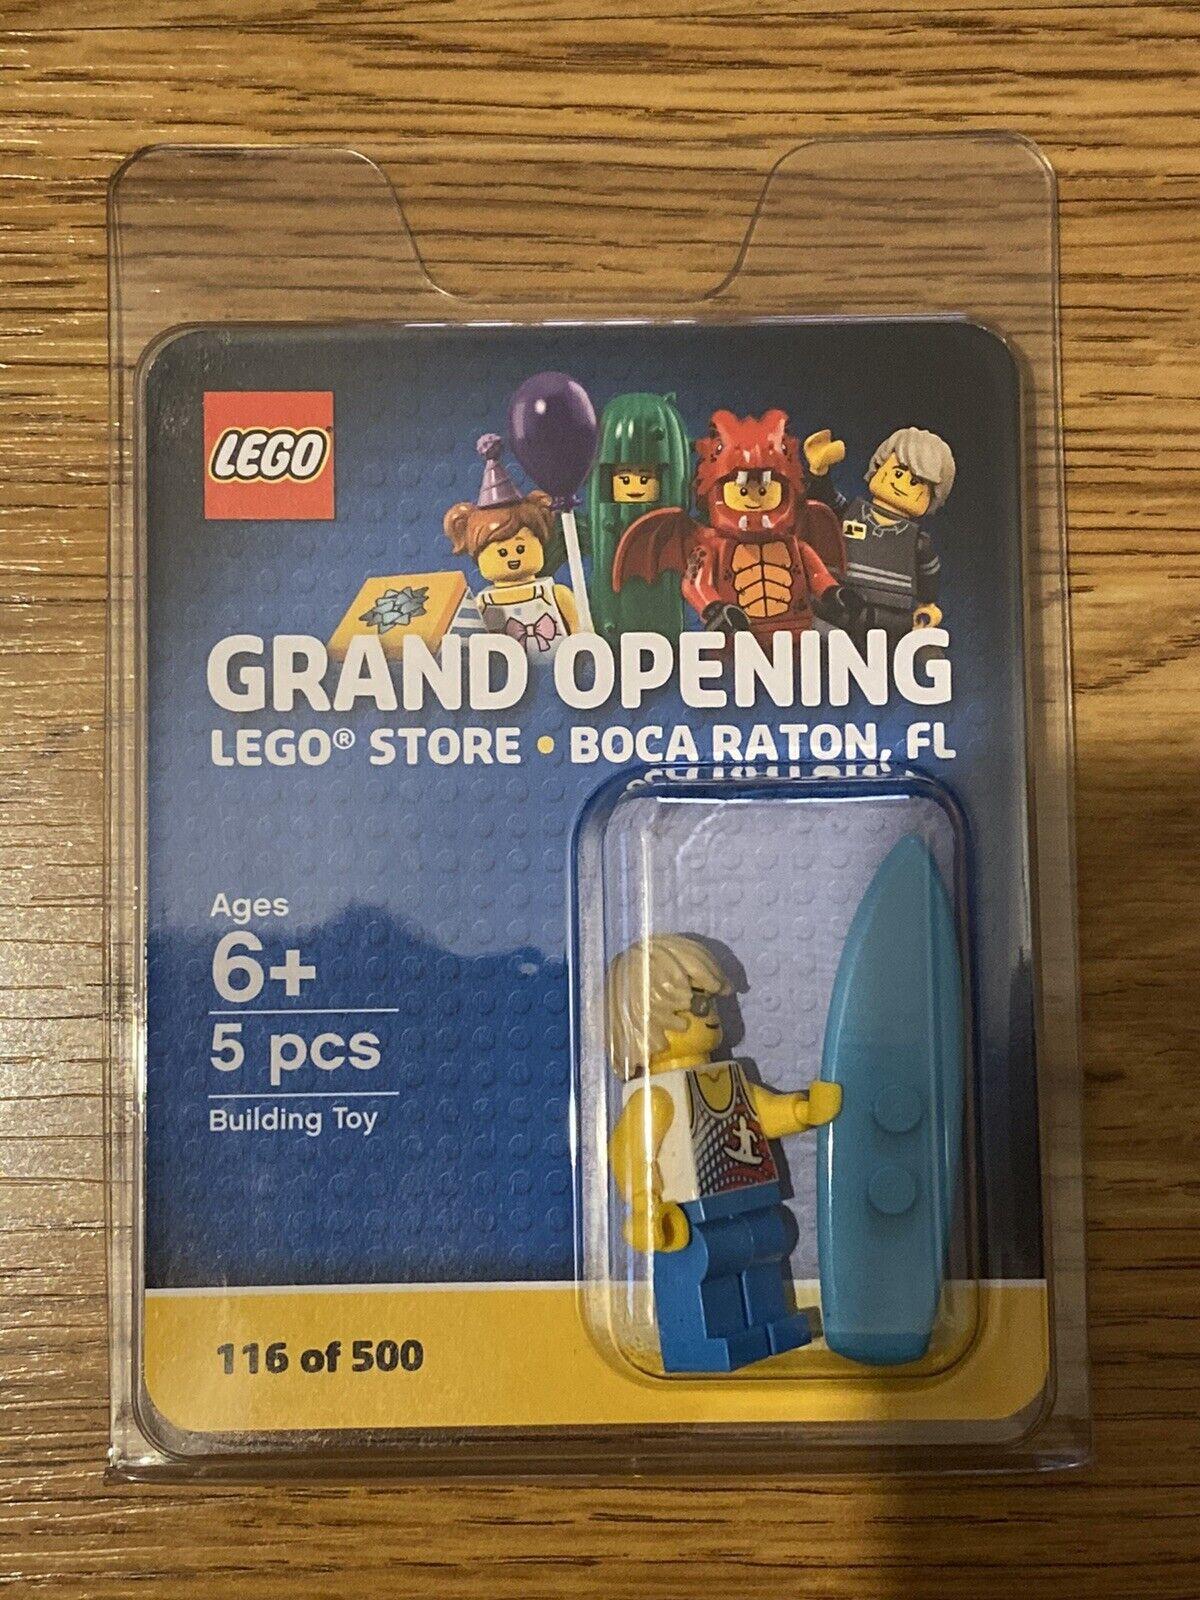 Lego tienda inauguración Minifigura Boca Raton FL 116 de 500-Nuevo